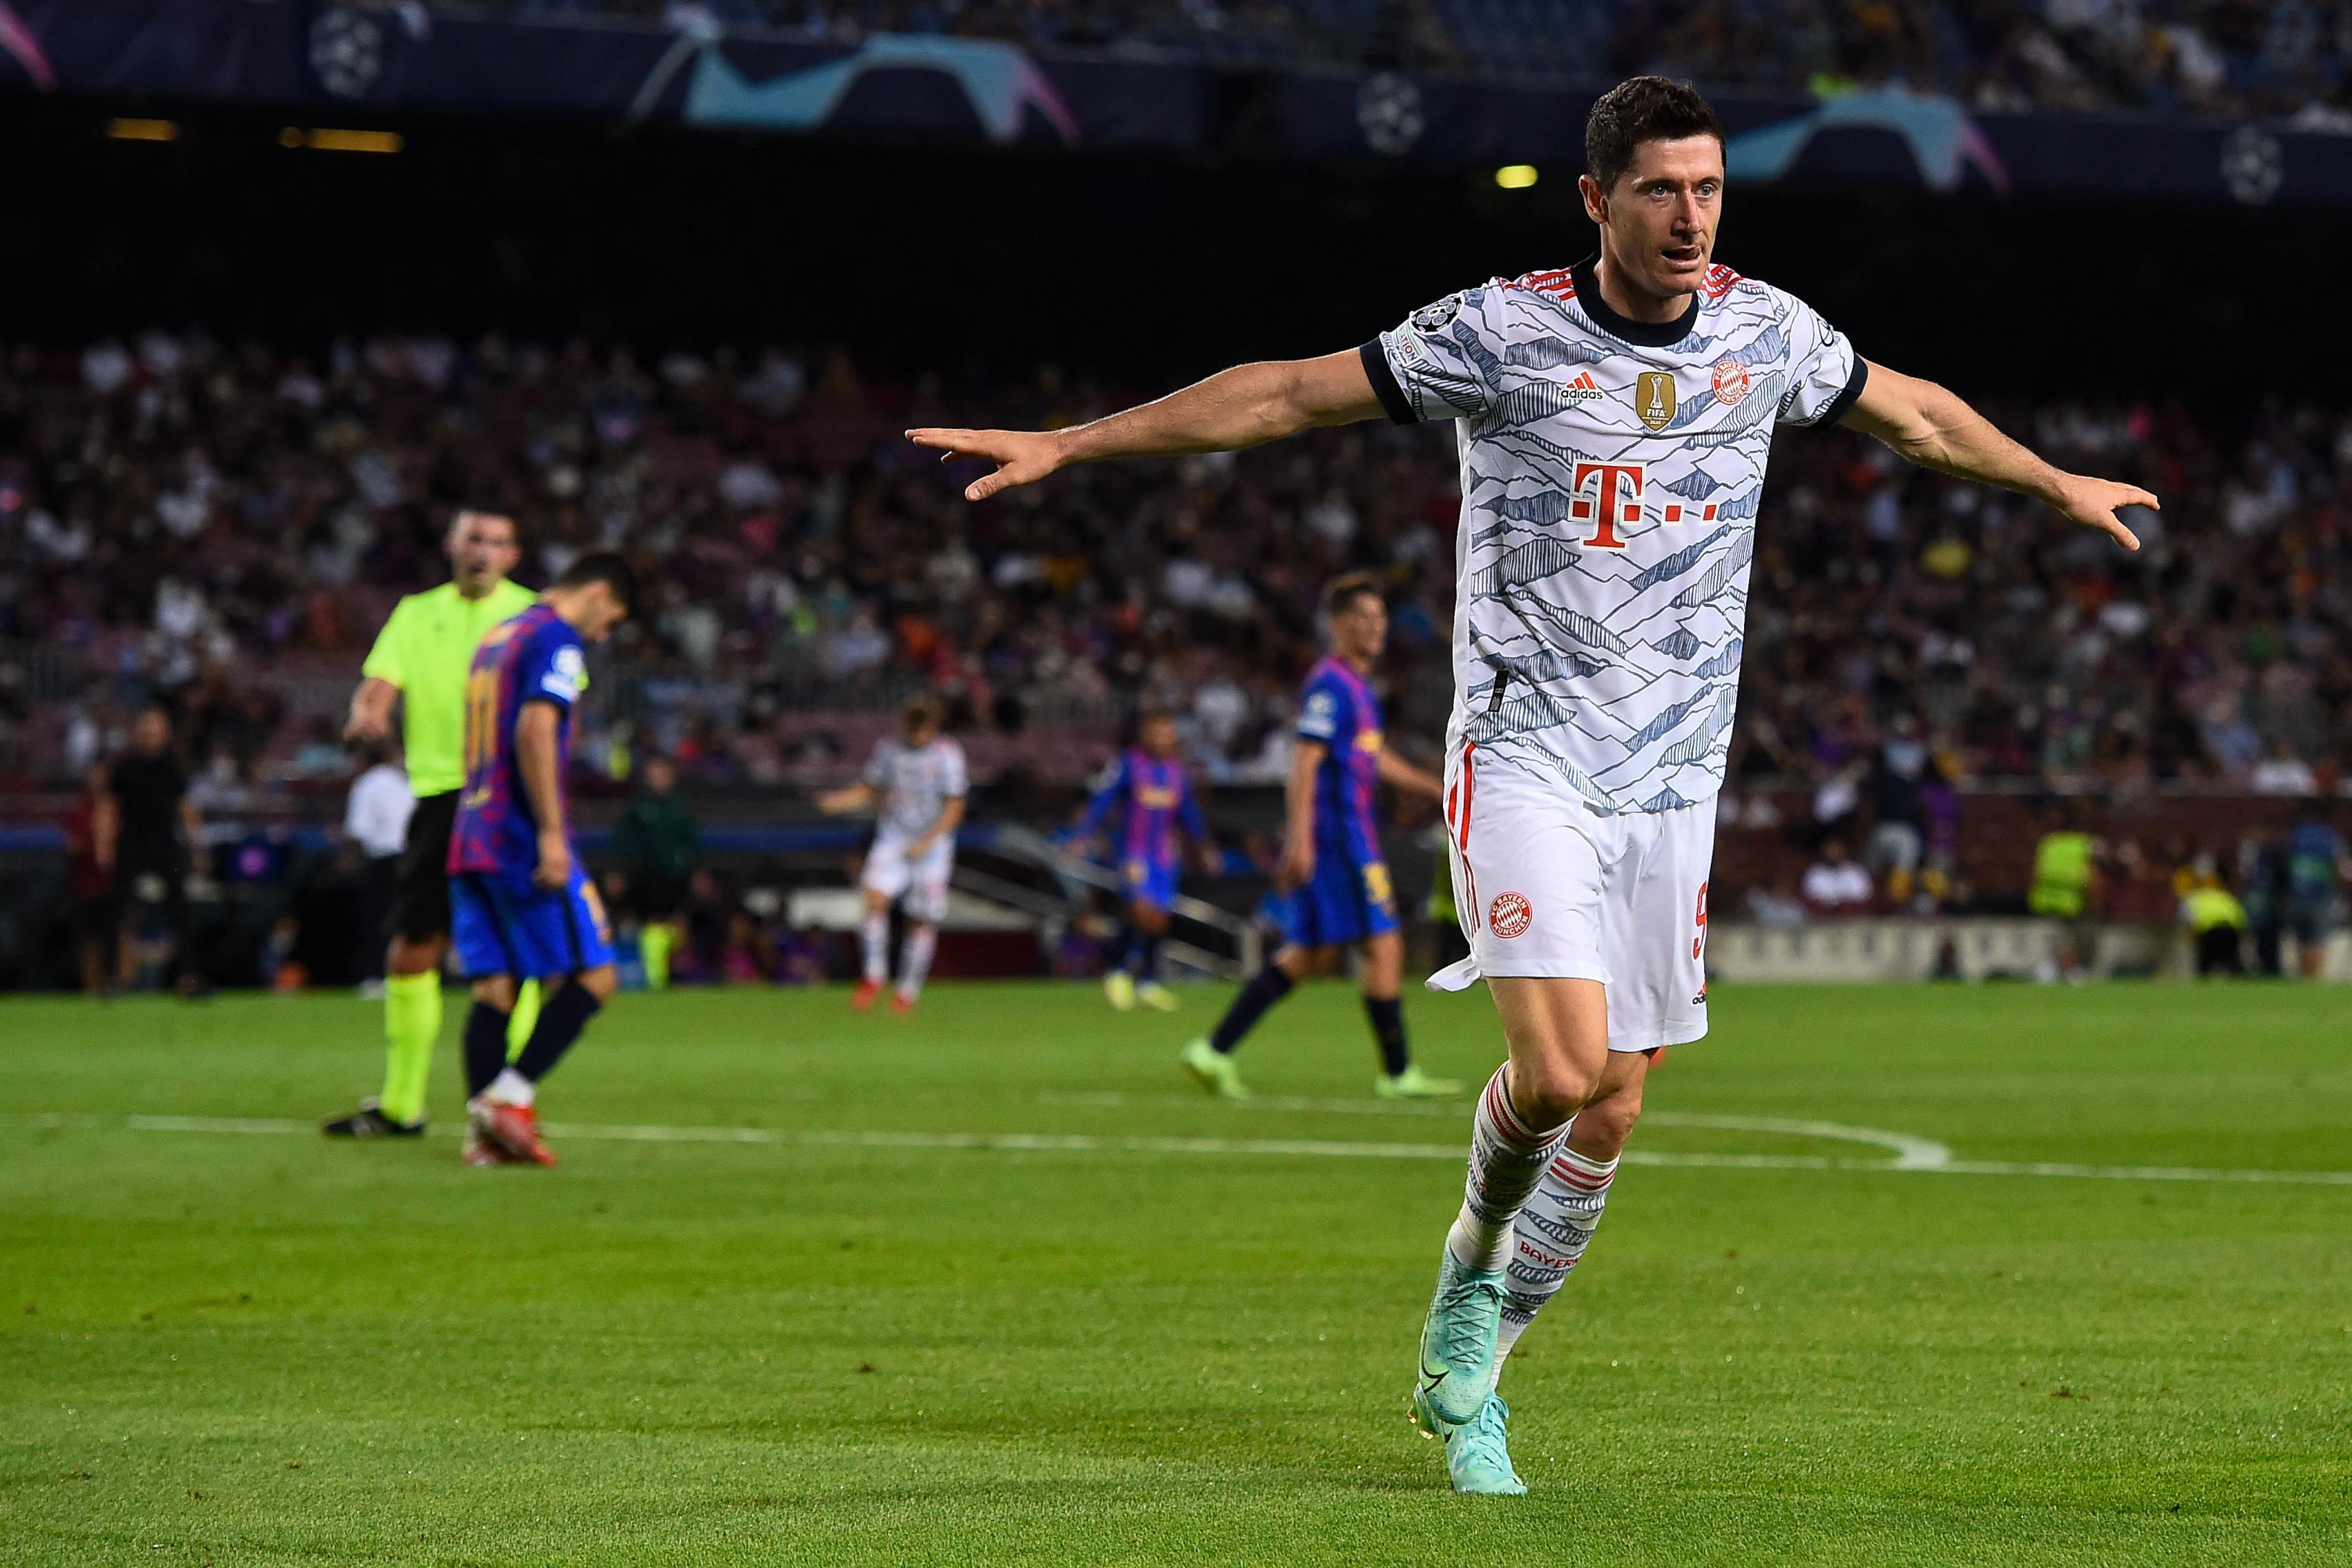 Rangadónak indult a Barcelona és a Bayern München meccse, végül edzőmérkőzés lett belőle